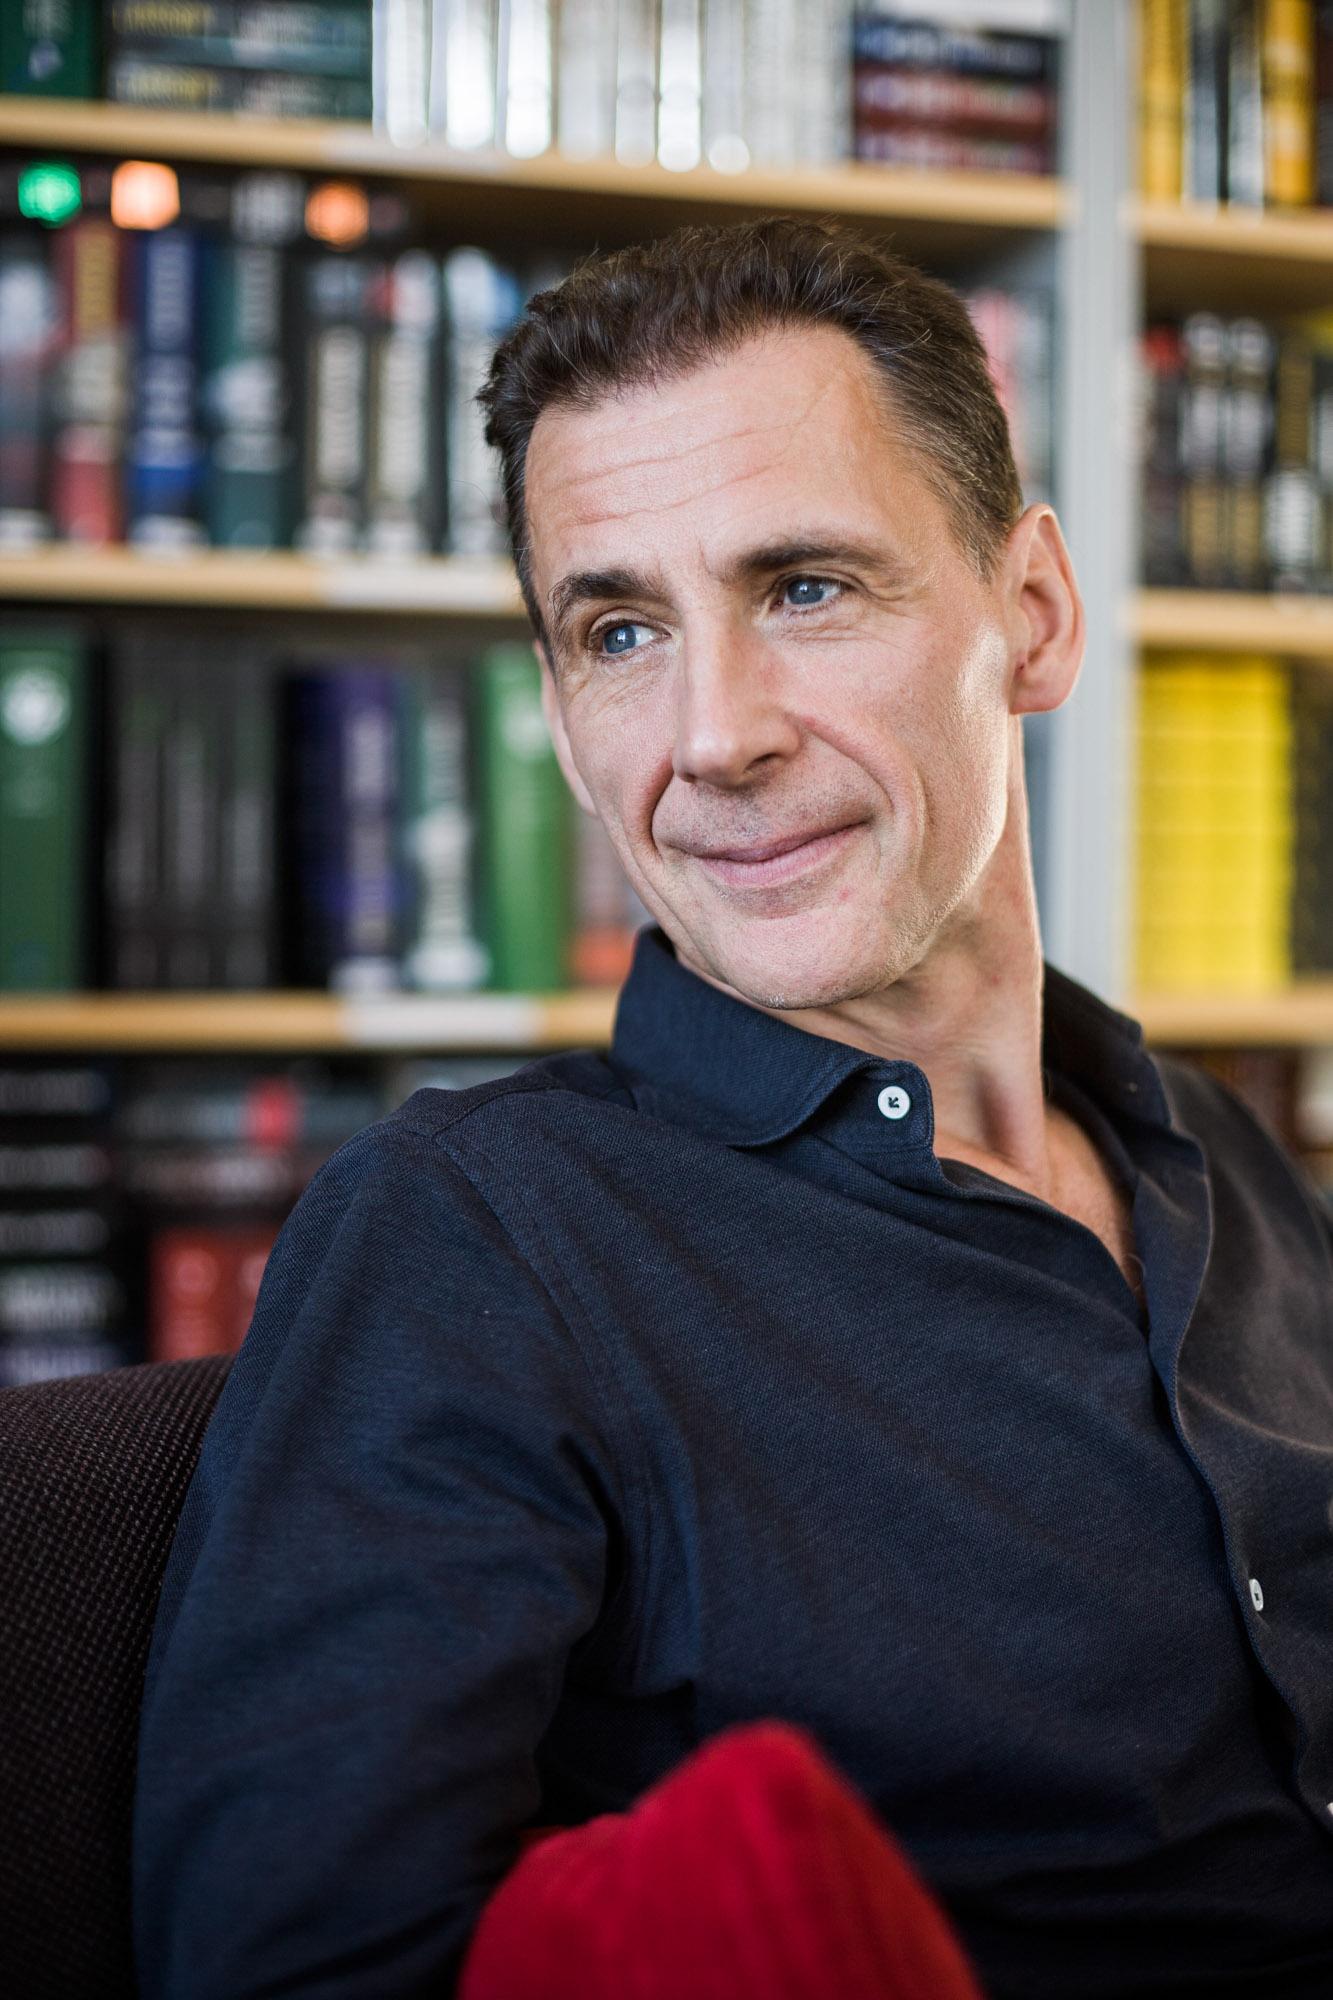 Portrait de David Lagercrantz, journaliste et auteur suedois, a Stockholm